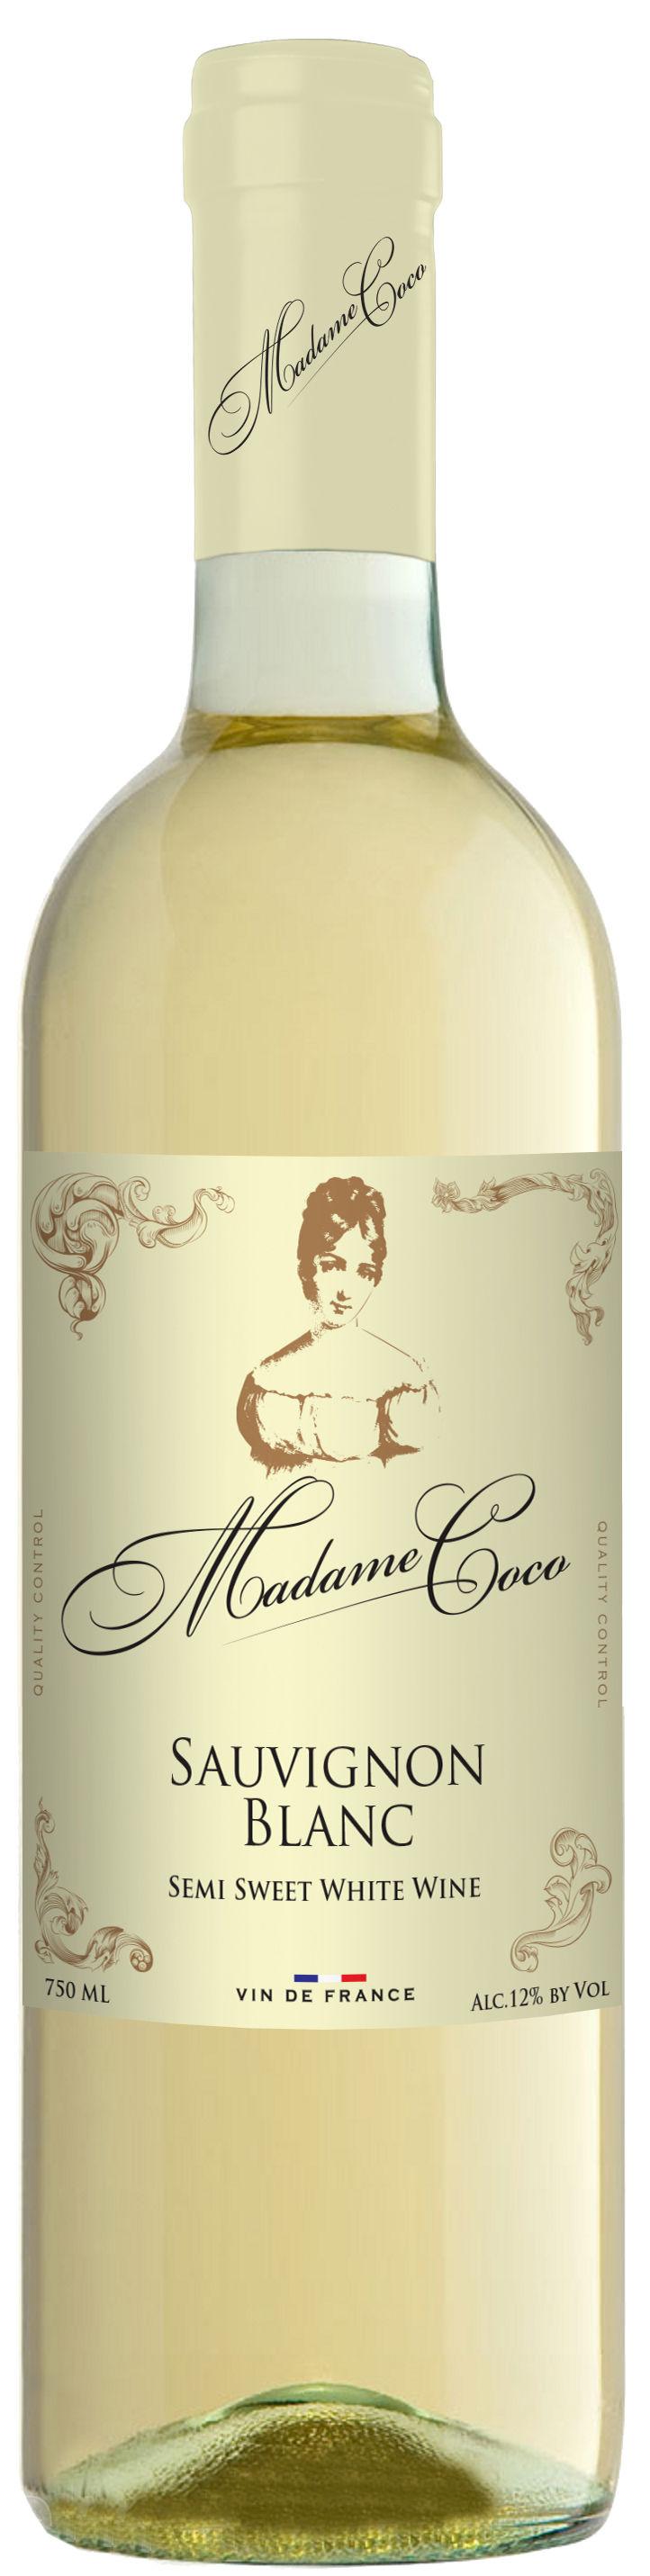 Madam Coco sauvignon semi swee